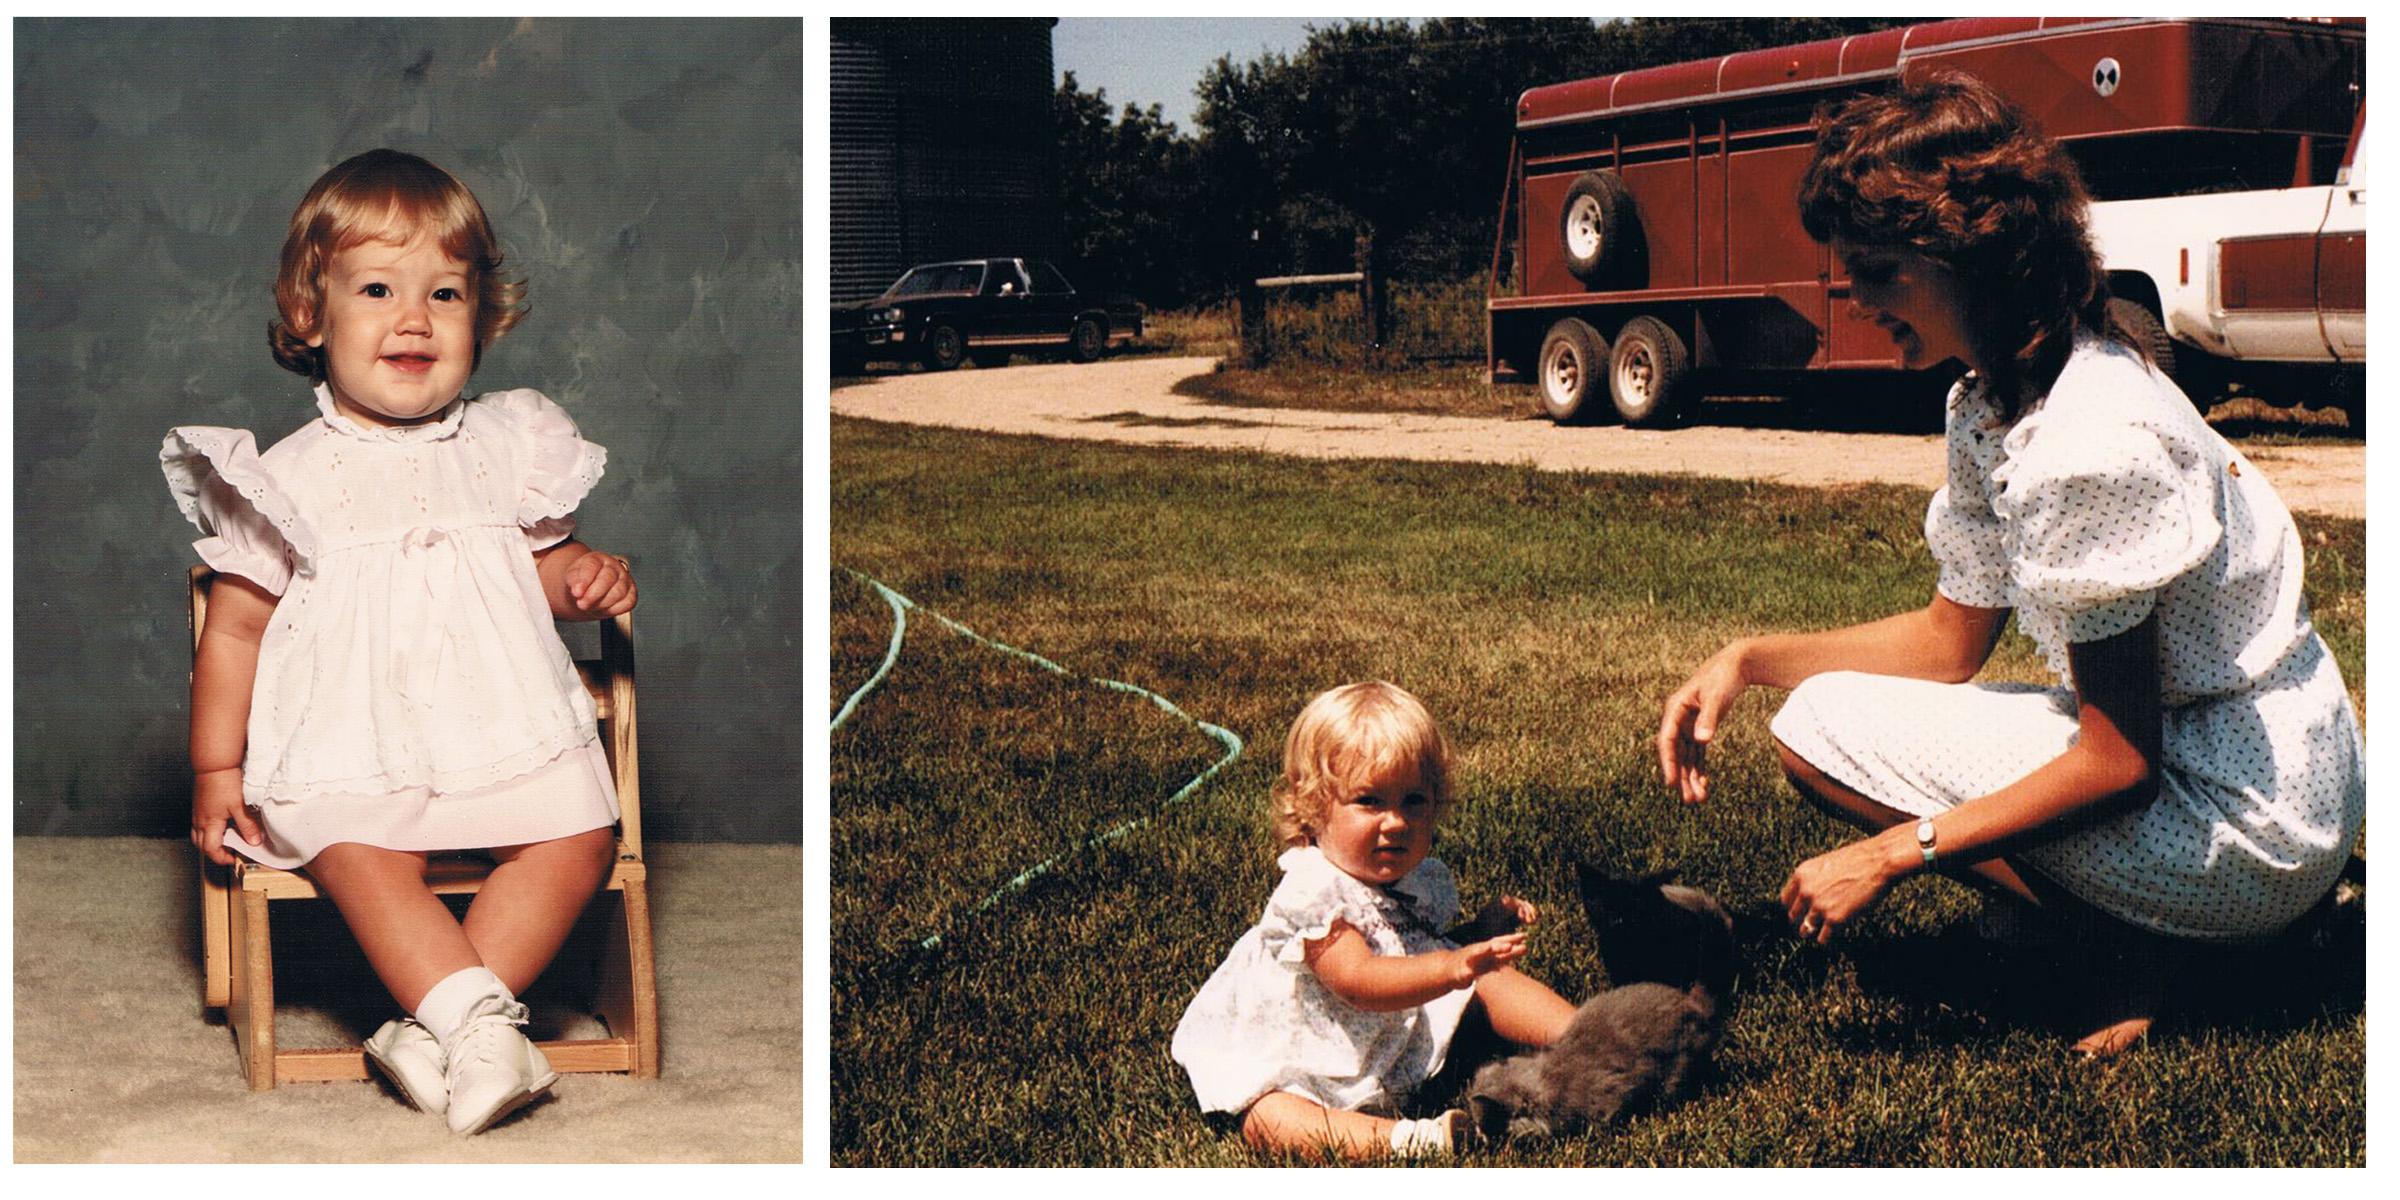 portrait vs snapshot